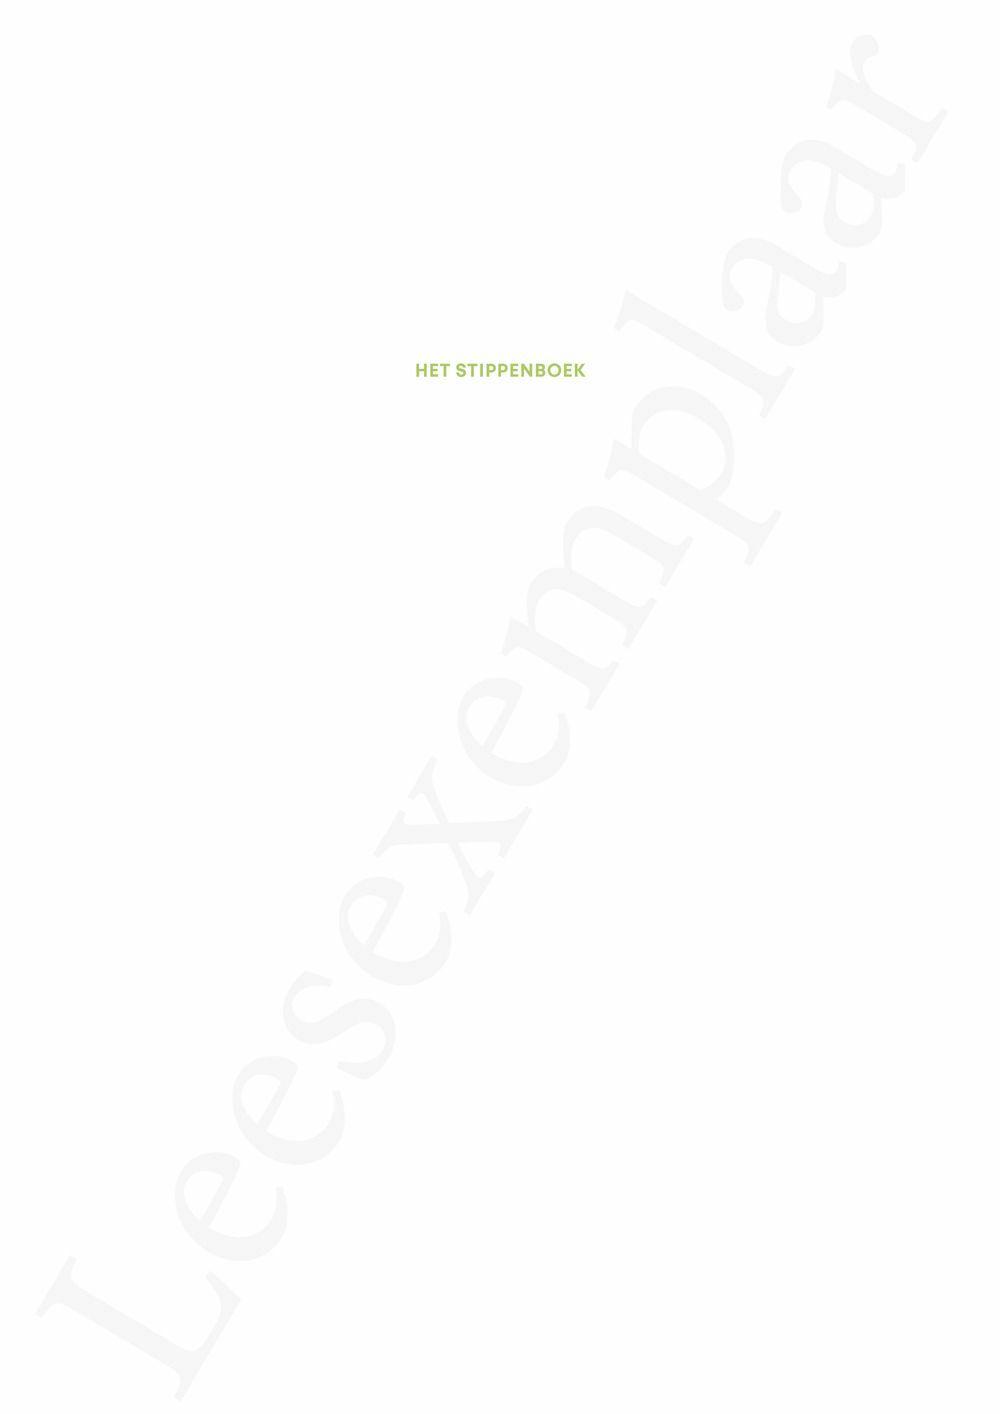 Preview: Het stippenboek